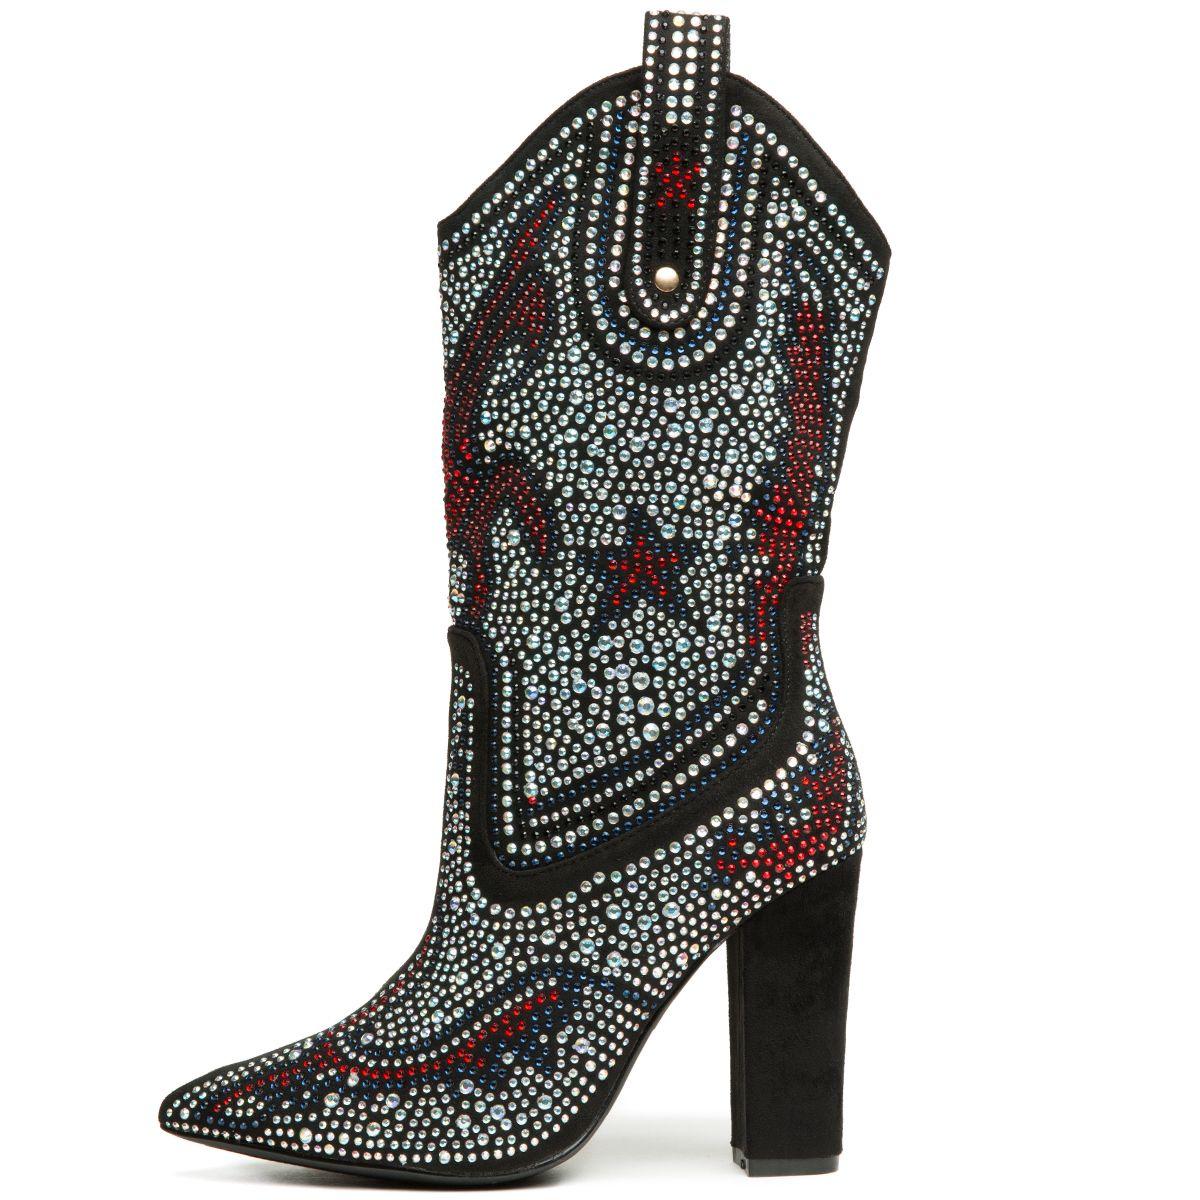 ac014fc4f6f Cape Robbin Beautiful-15 Women's Black Boots BLACK